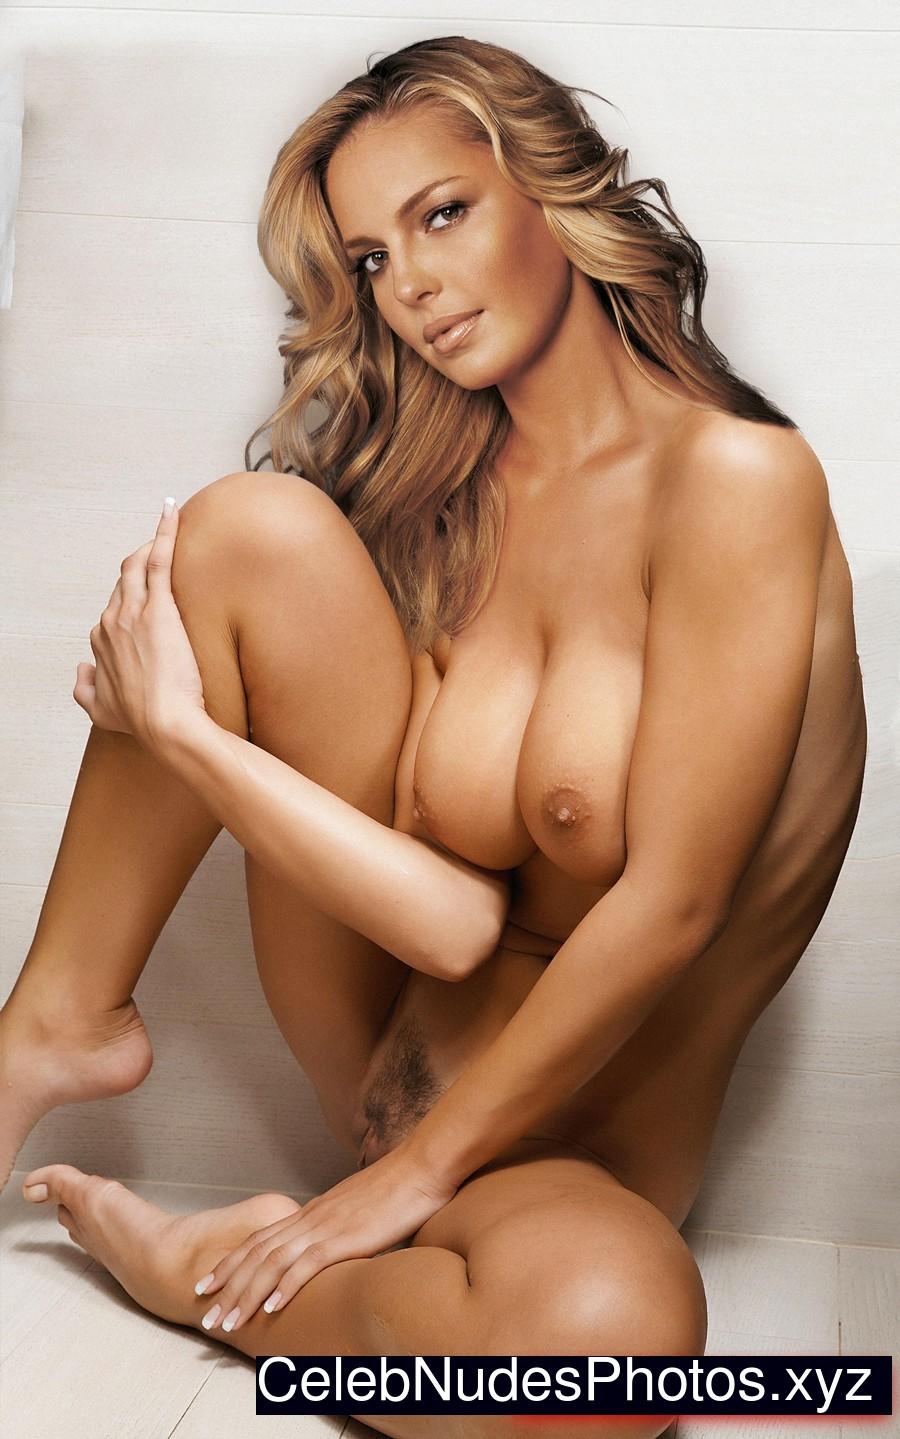 katherine heigl naked videos